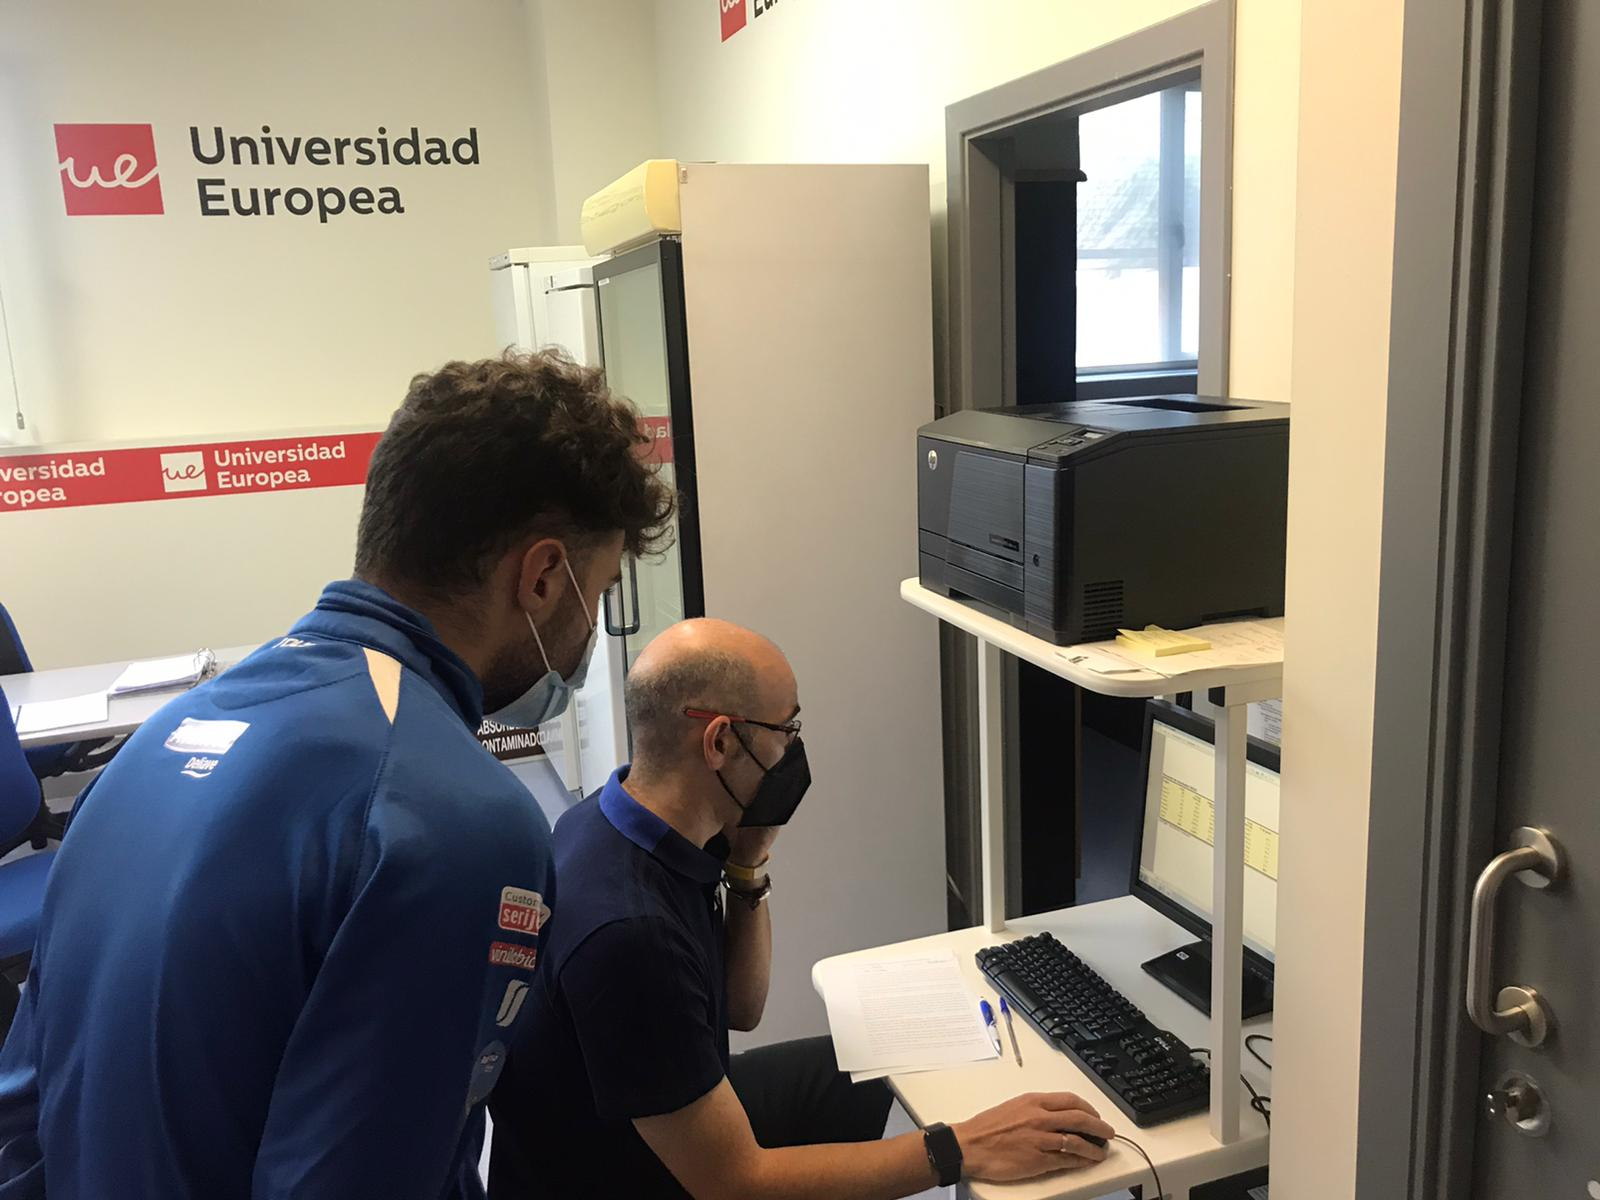 Arrancó la actividad de nuestro Centro de Tecnificación en la Universidad Europea de cara a 2021